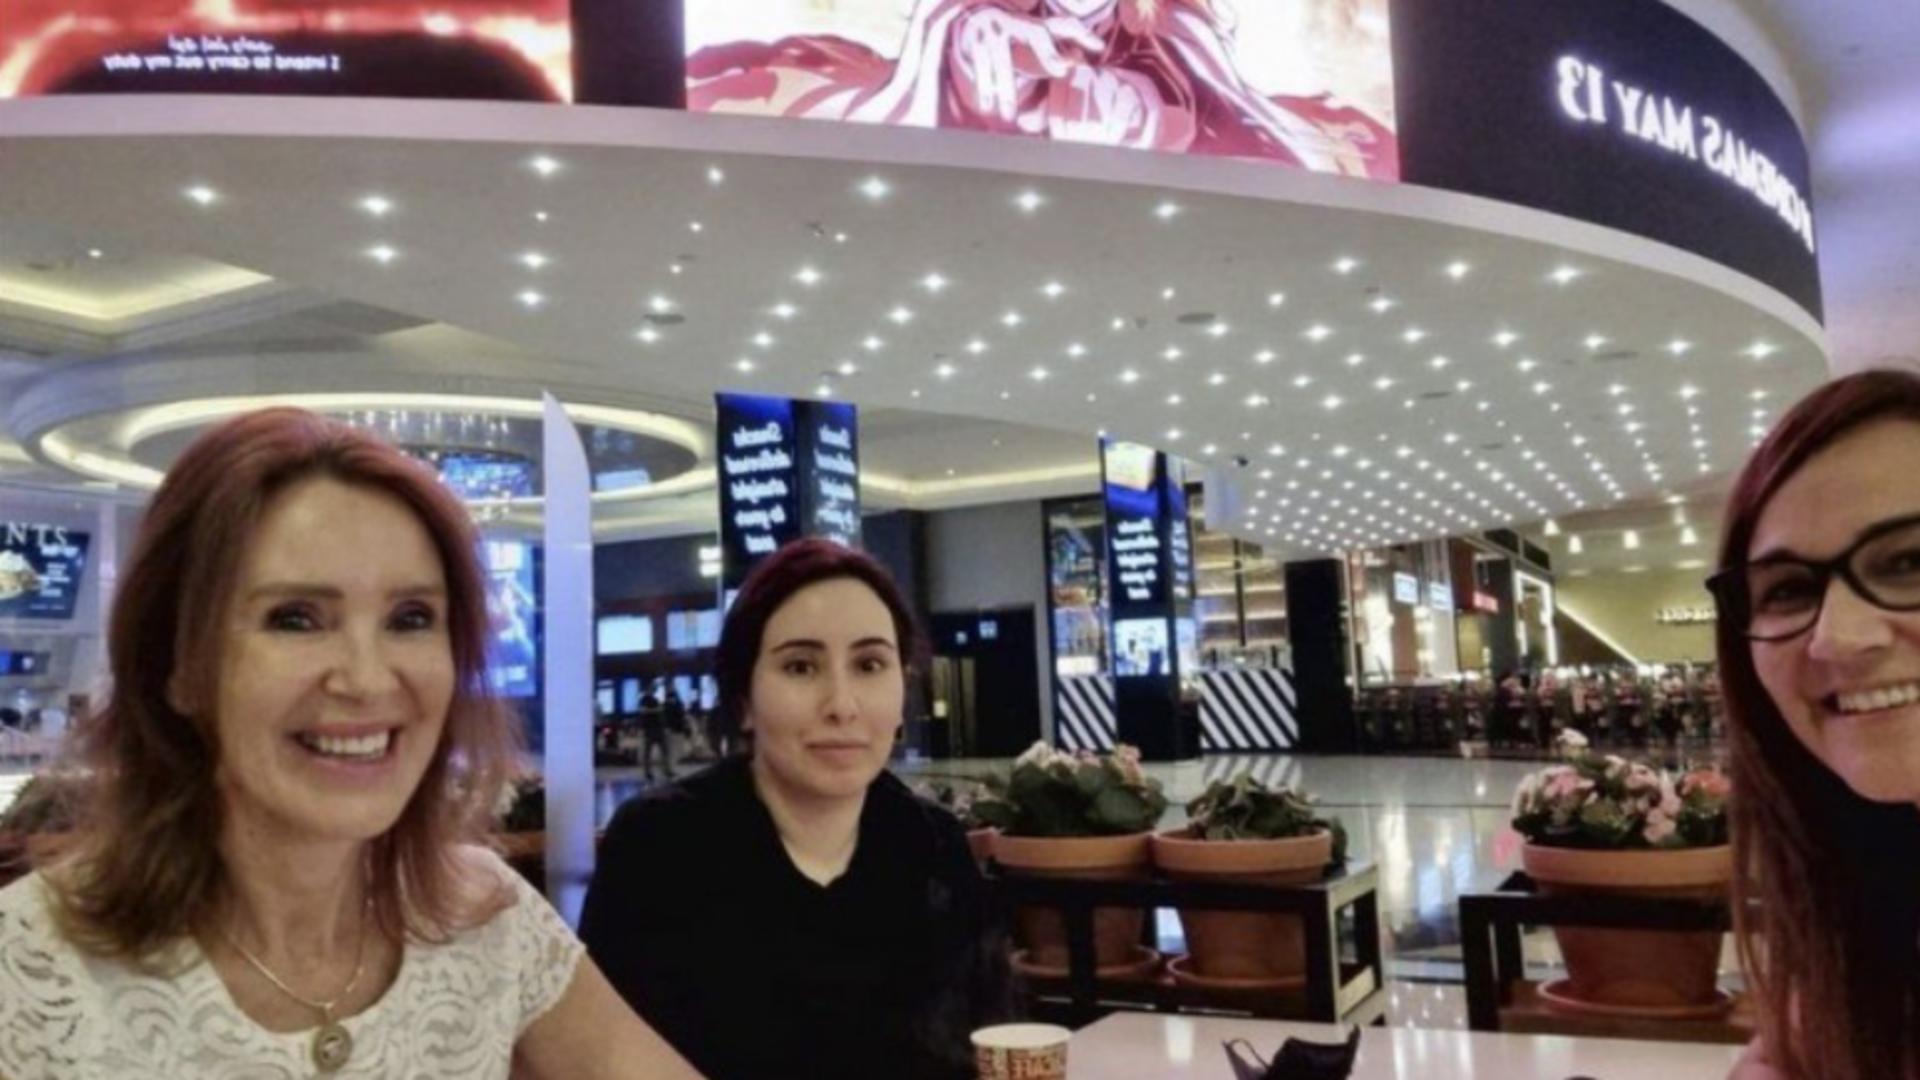 Fotografii misterioase publicate cu prințesa Latifa, fiica emirului din Dubai, dată dispărută din februarie